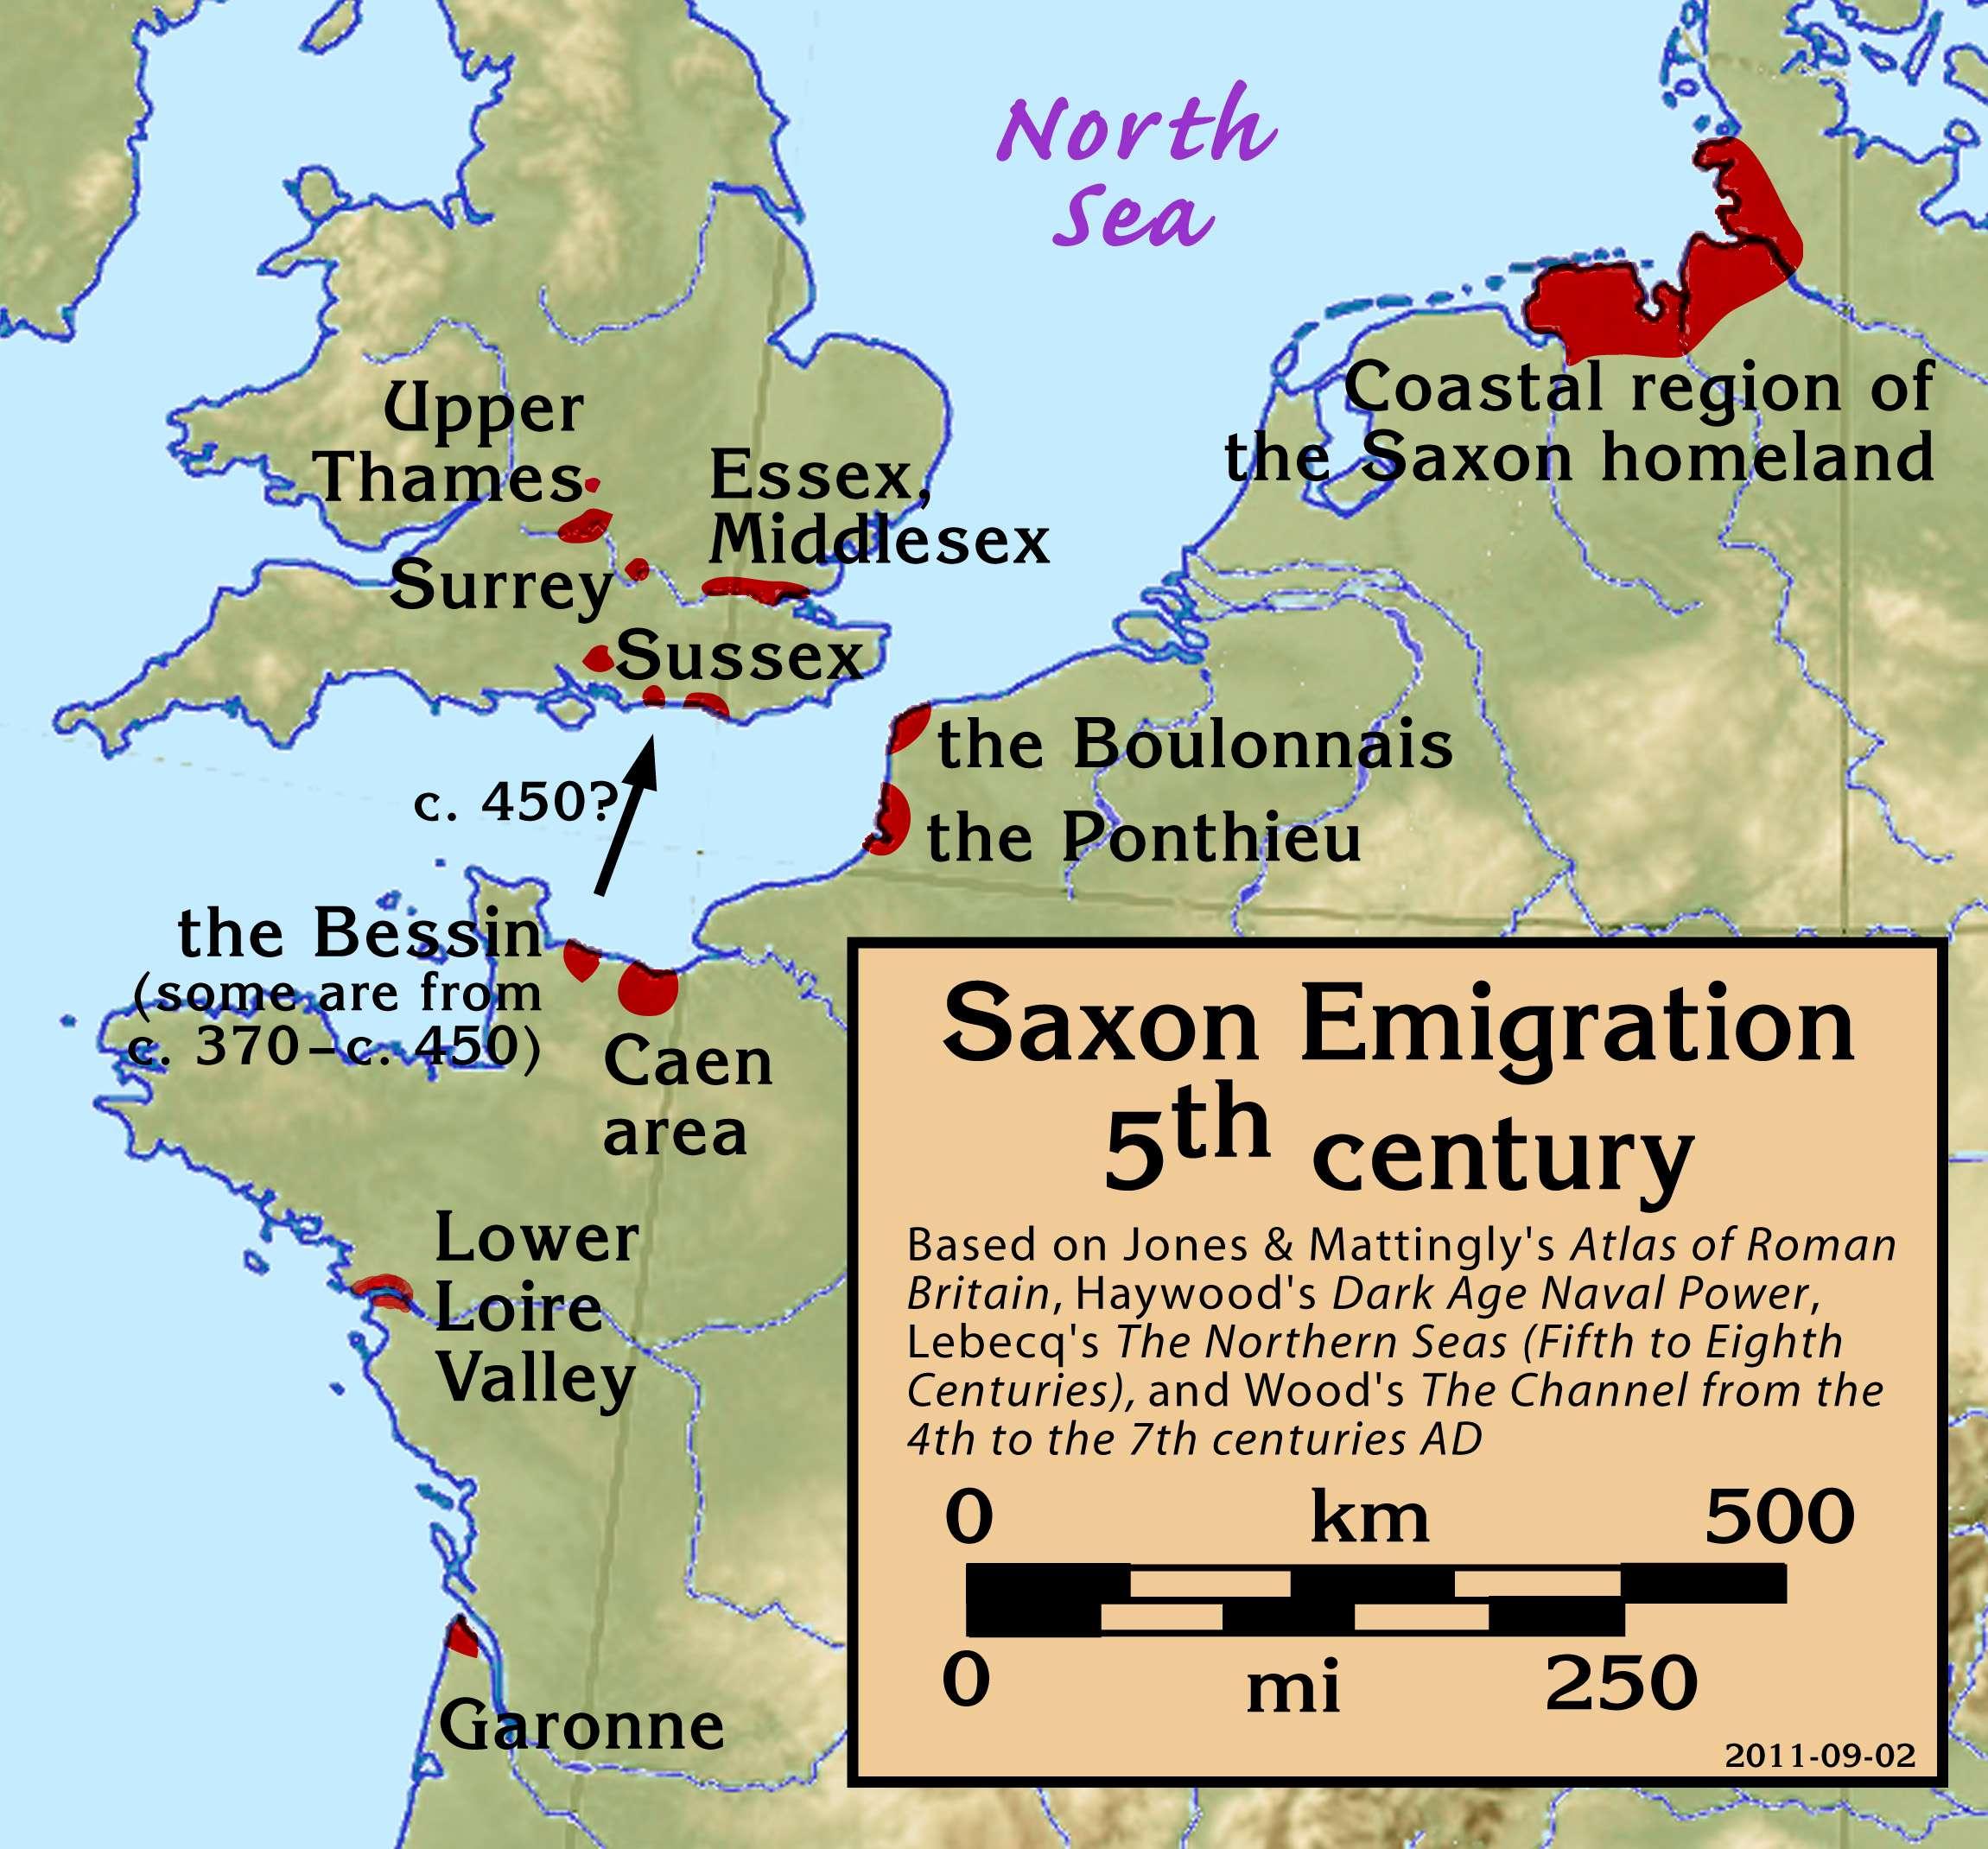 Σαξωνική μετανάστευση, 5ος αιώνας μ.Χ.